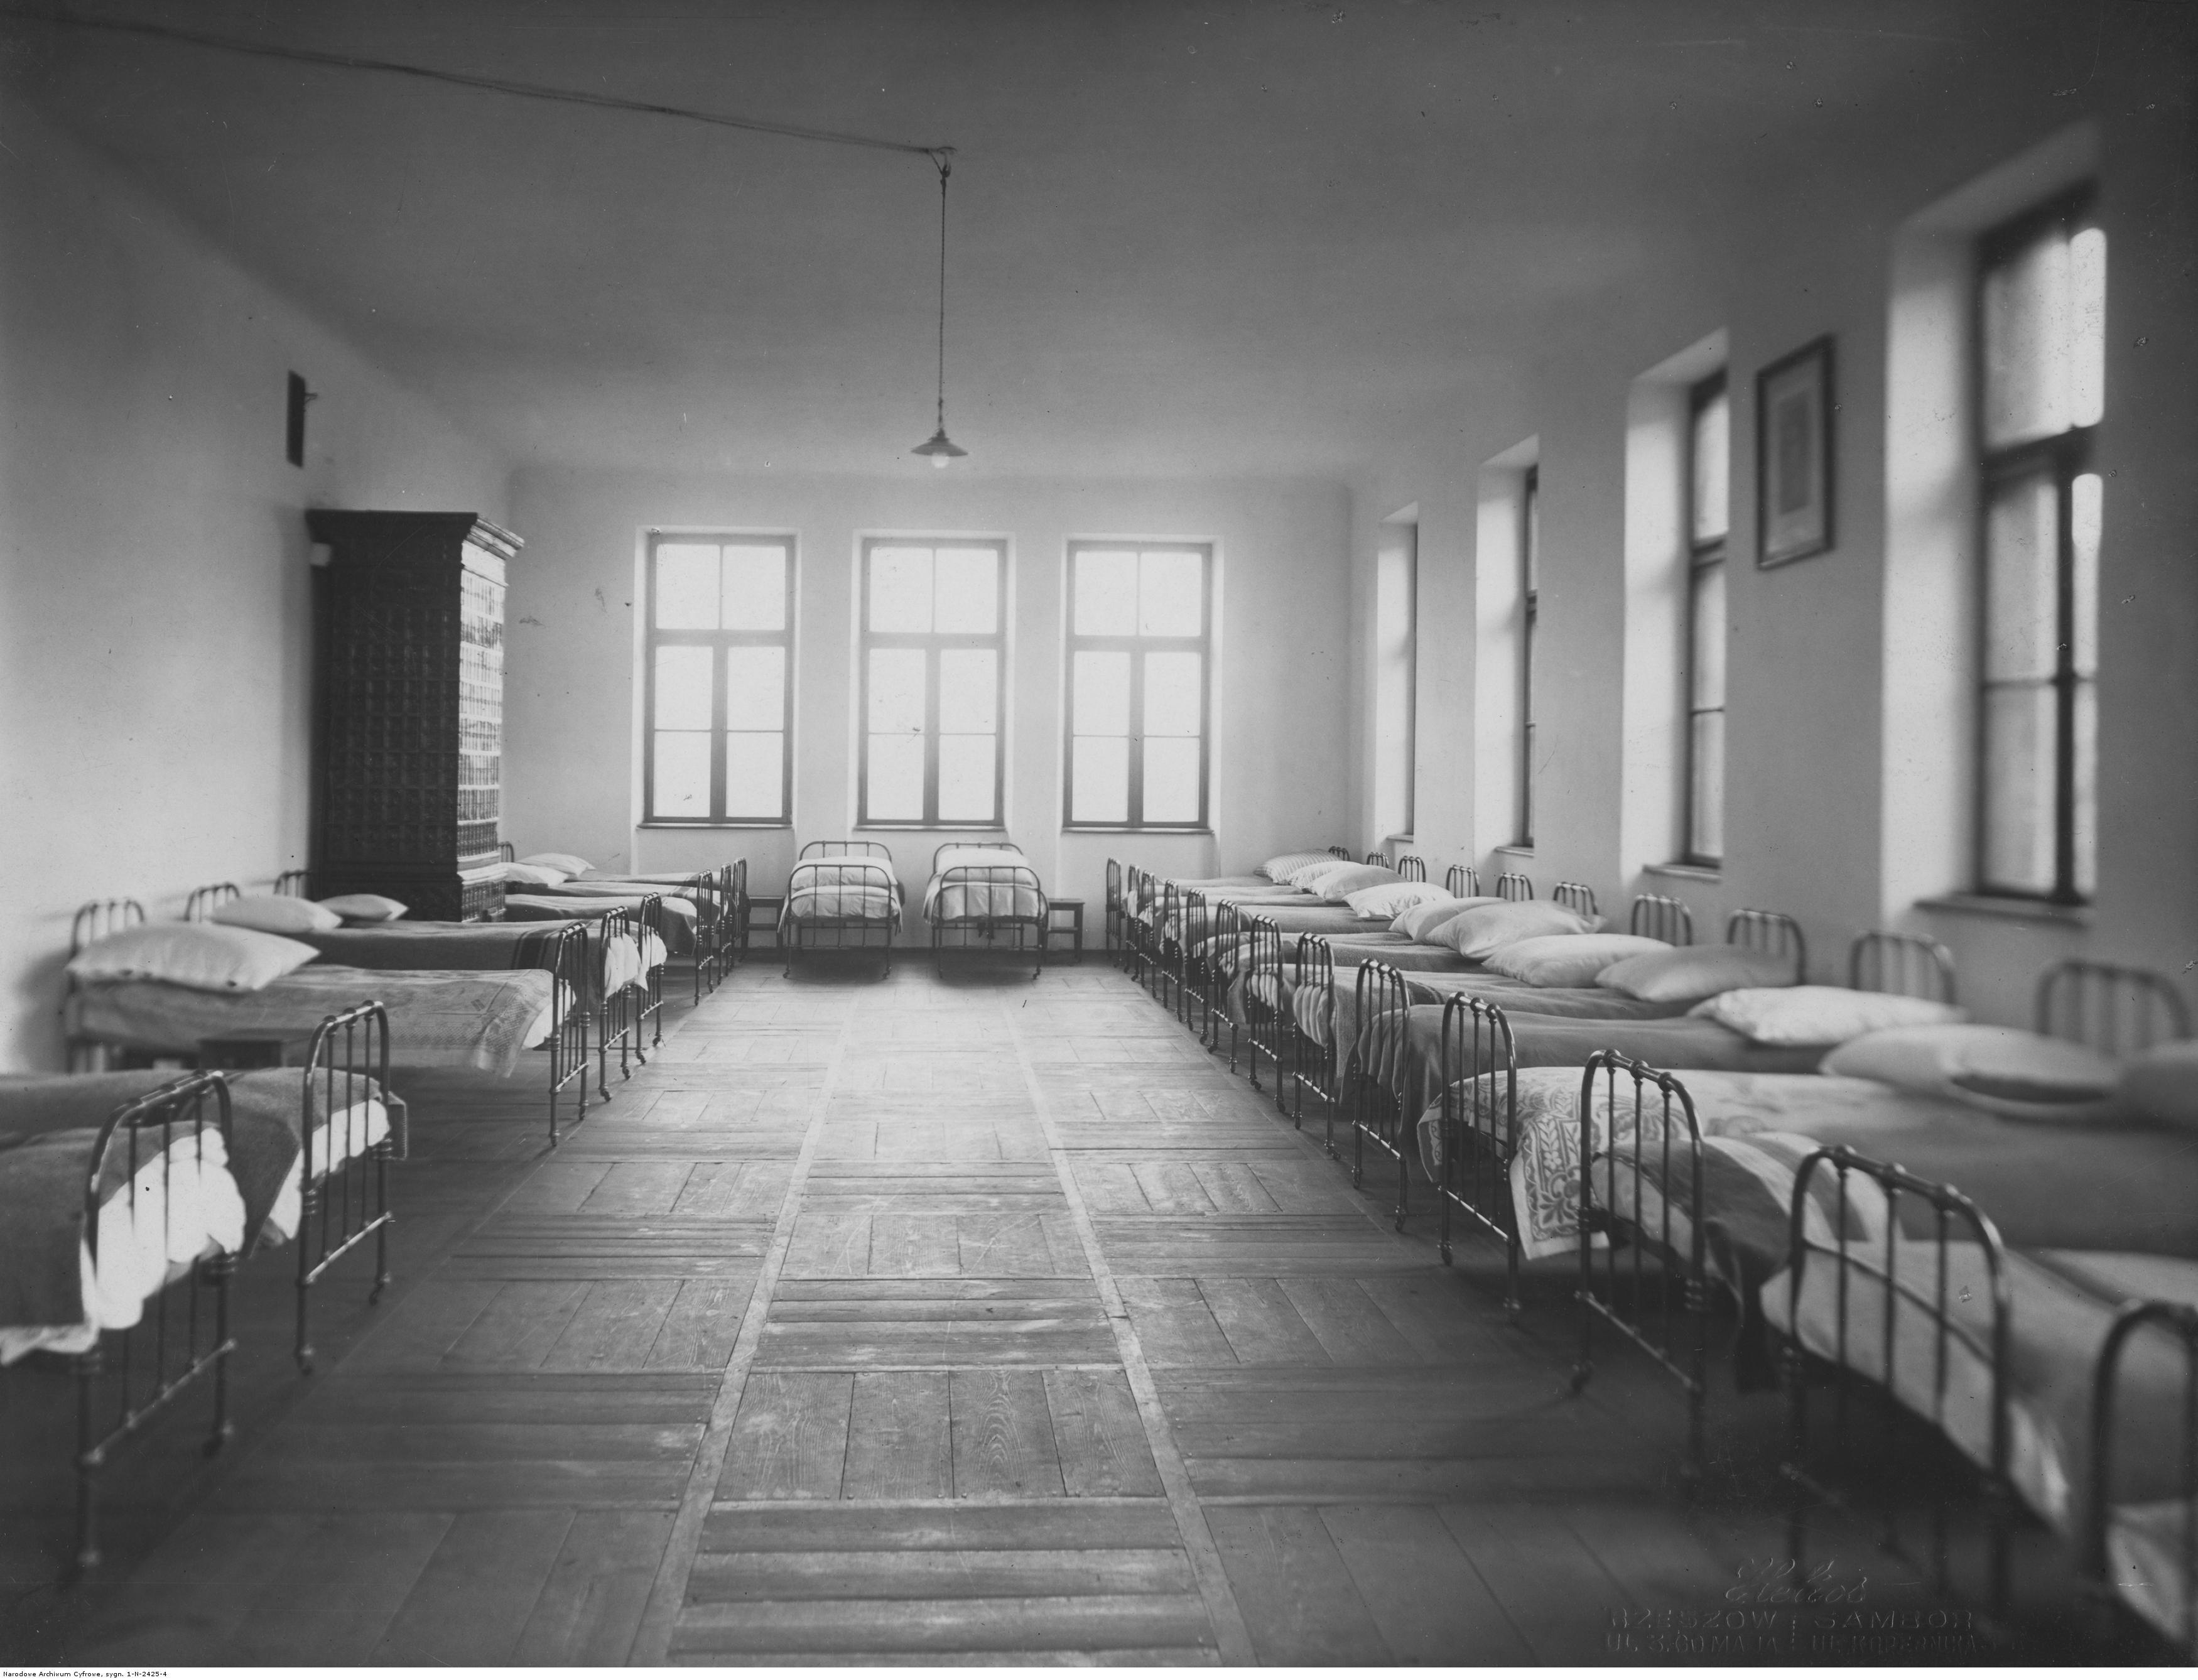 Państwowe Seminarium Nauczycielskie im. Stanisława Staszica w Rzeszowie - sypialnia w internacie, rok 1936